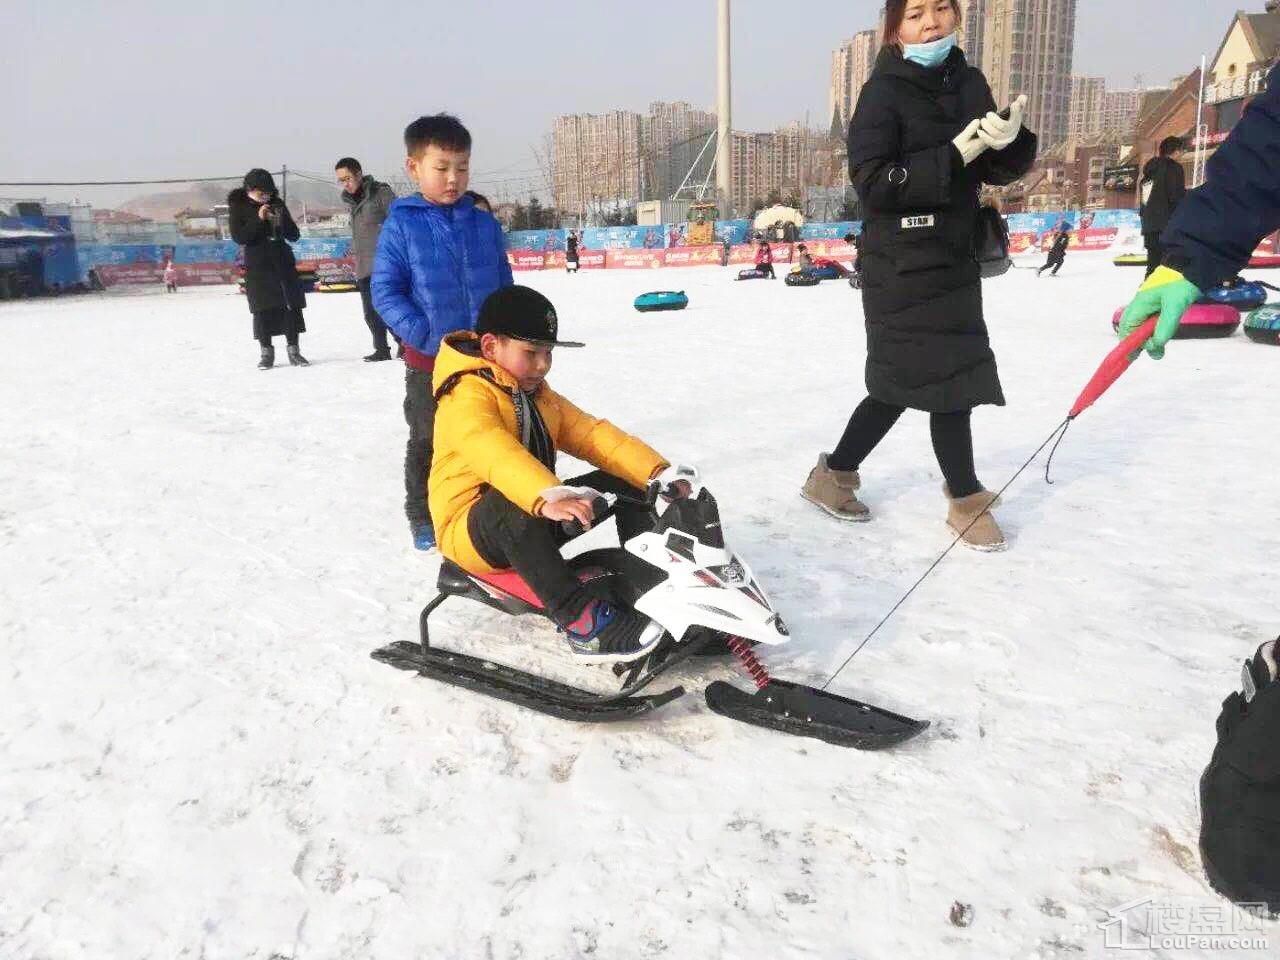 兰州碧桂园滑雪场